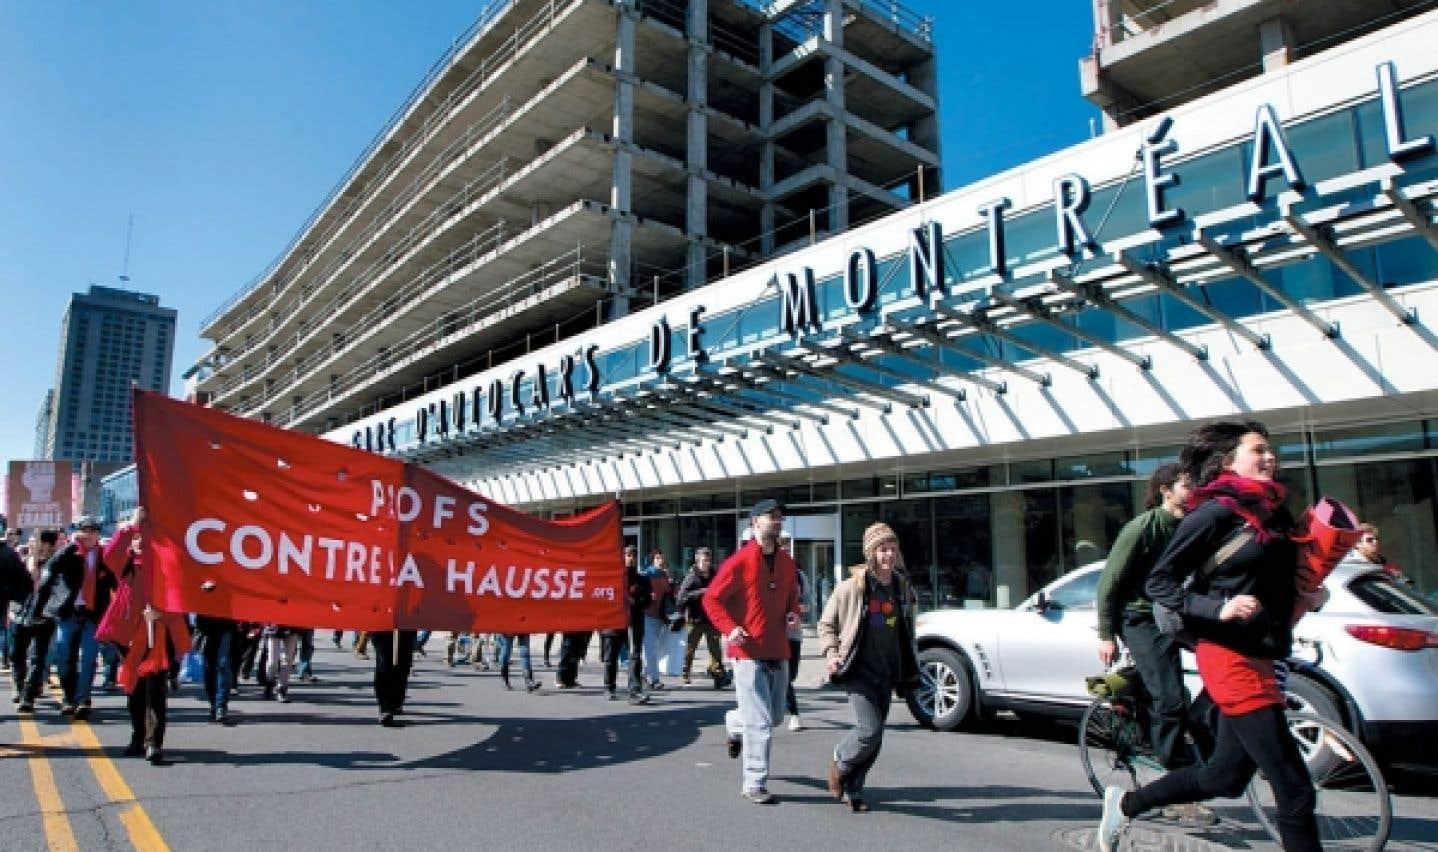 Les grévistes québécois suscitent l'intérêt à l'échelle mondiale